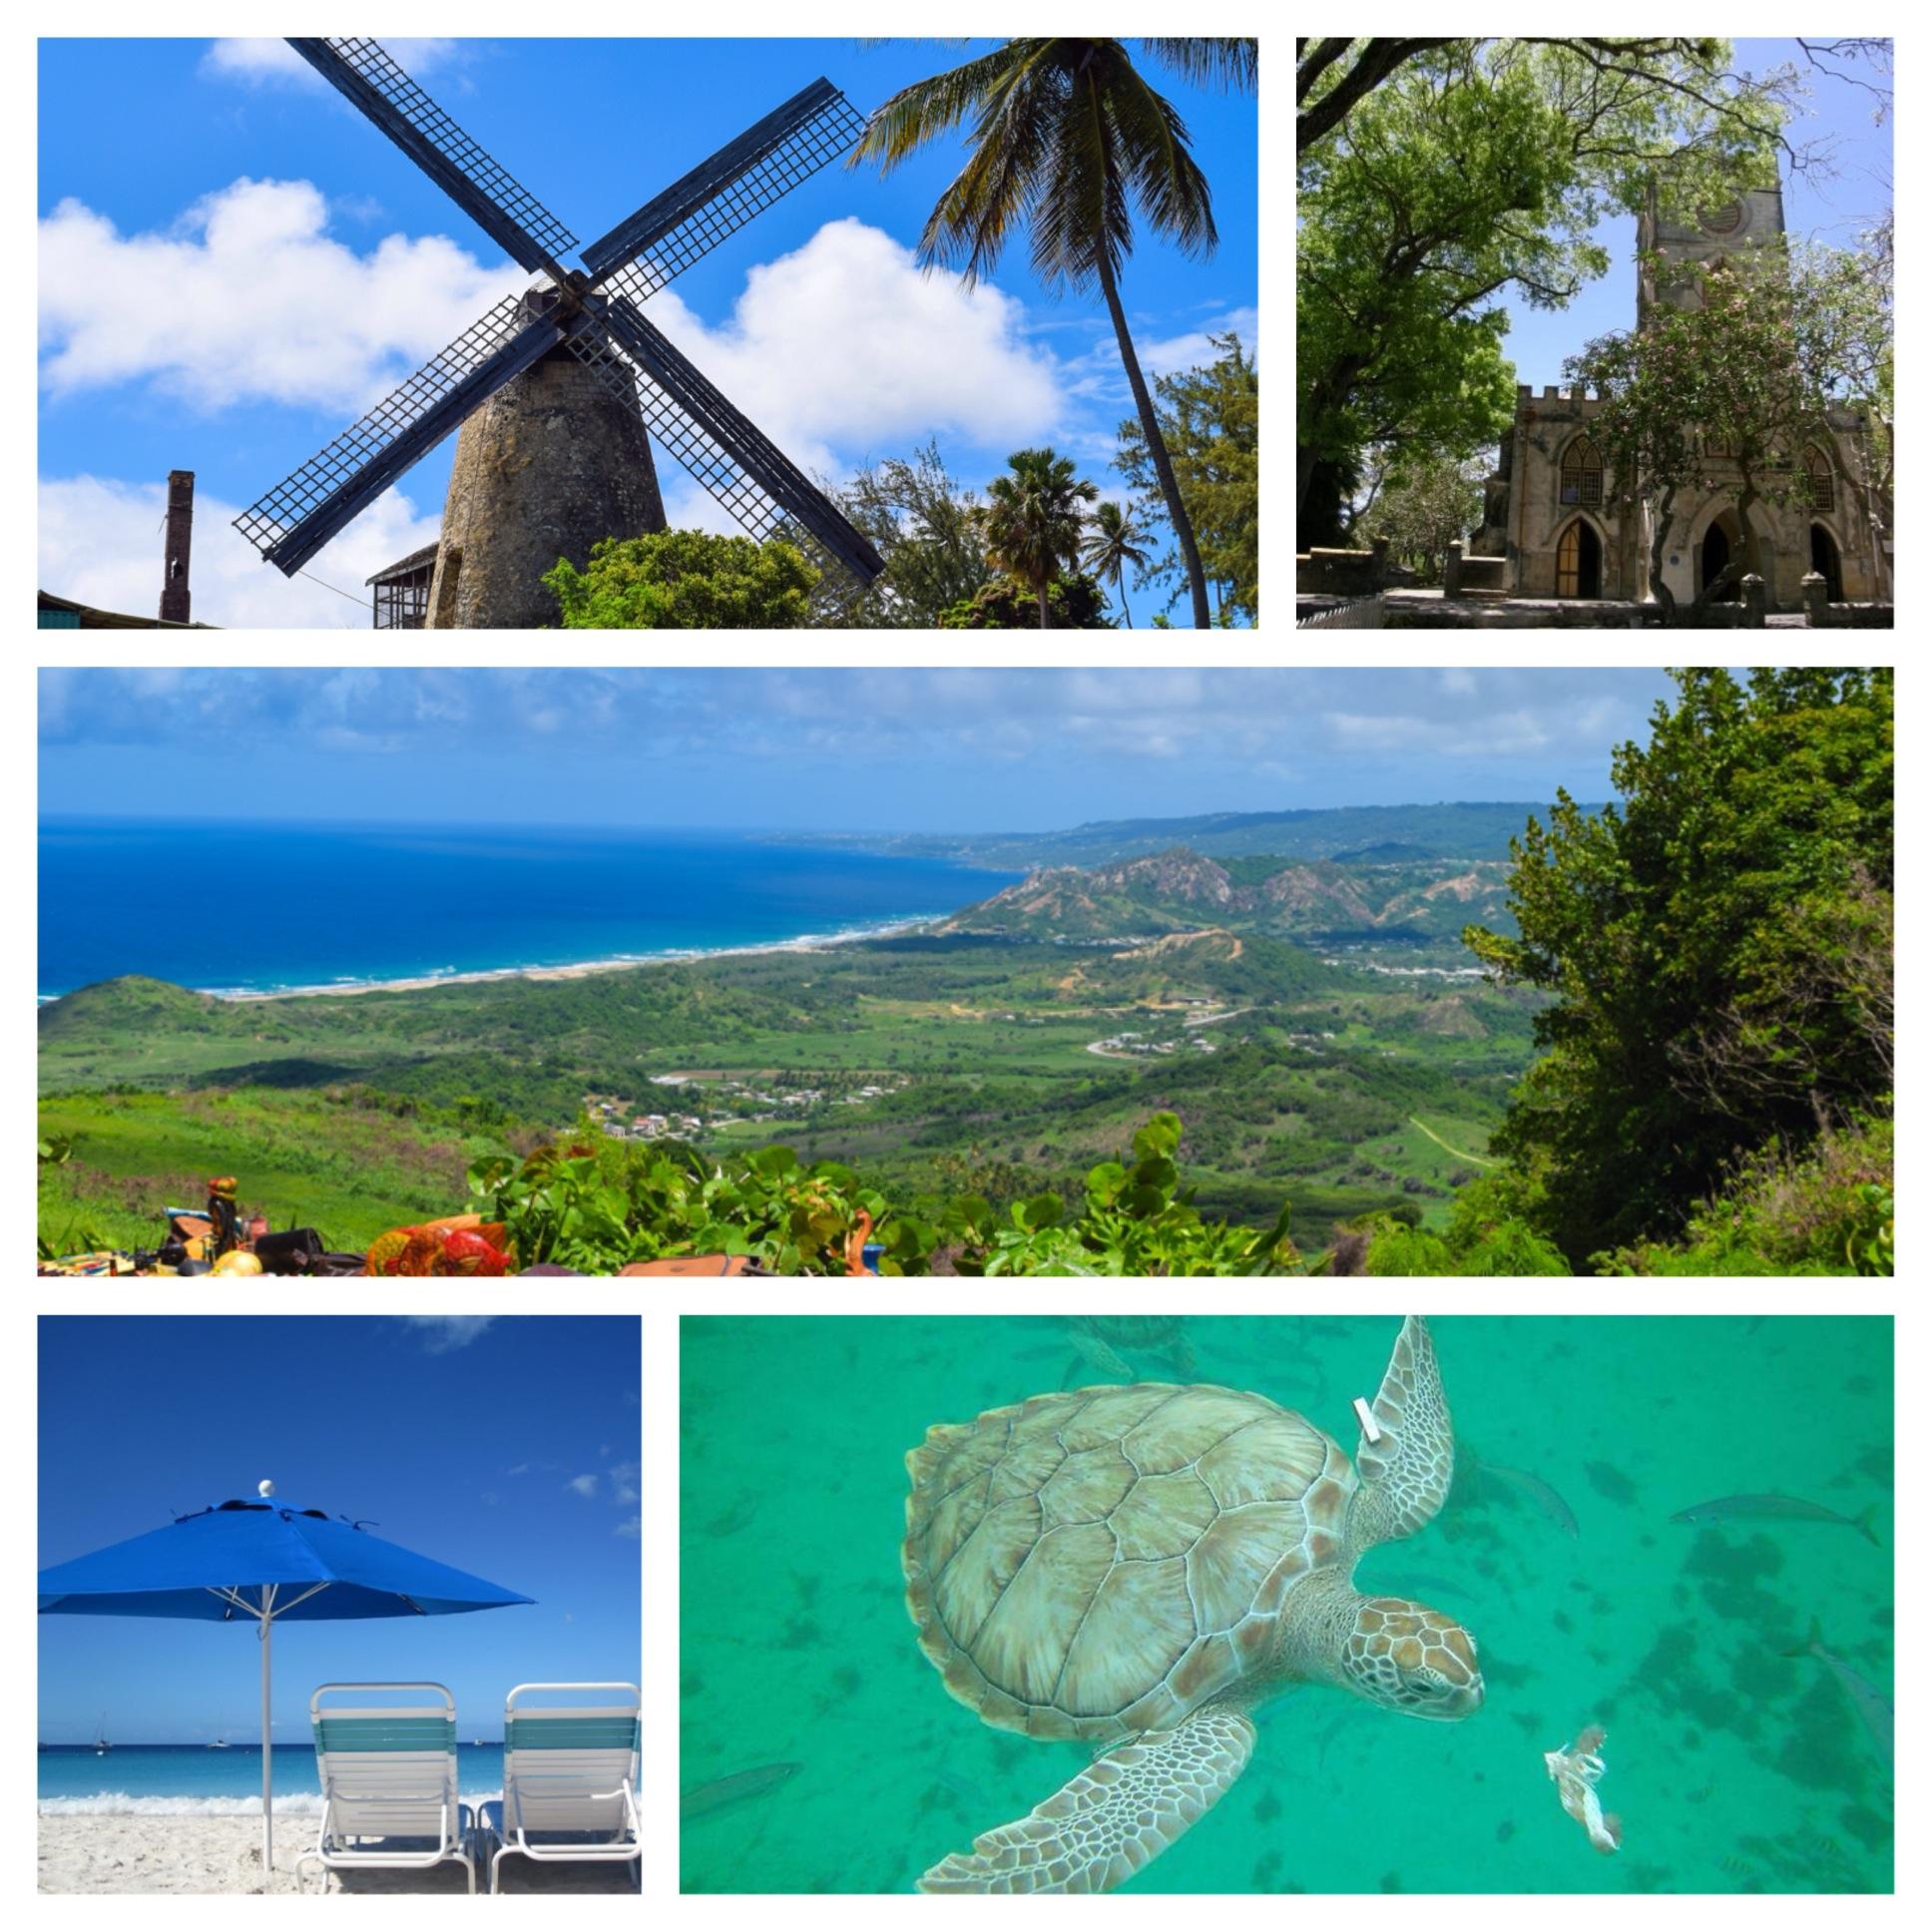 Tour Barbados With Glory Tours Barbados Tours Excursions - Barbados tours